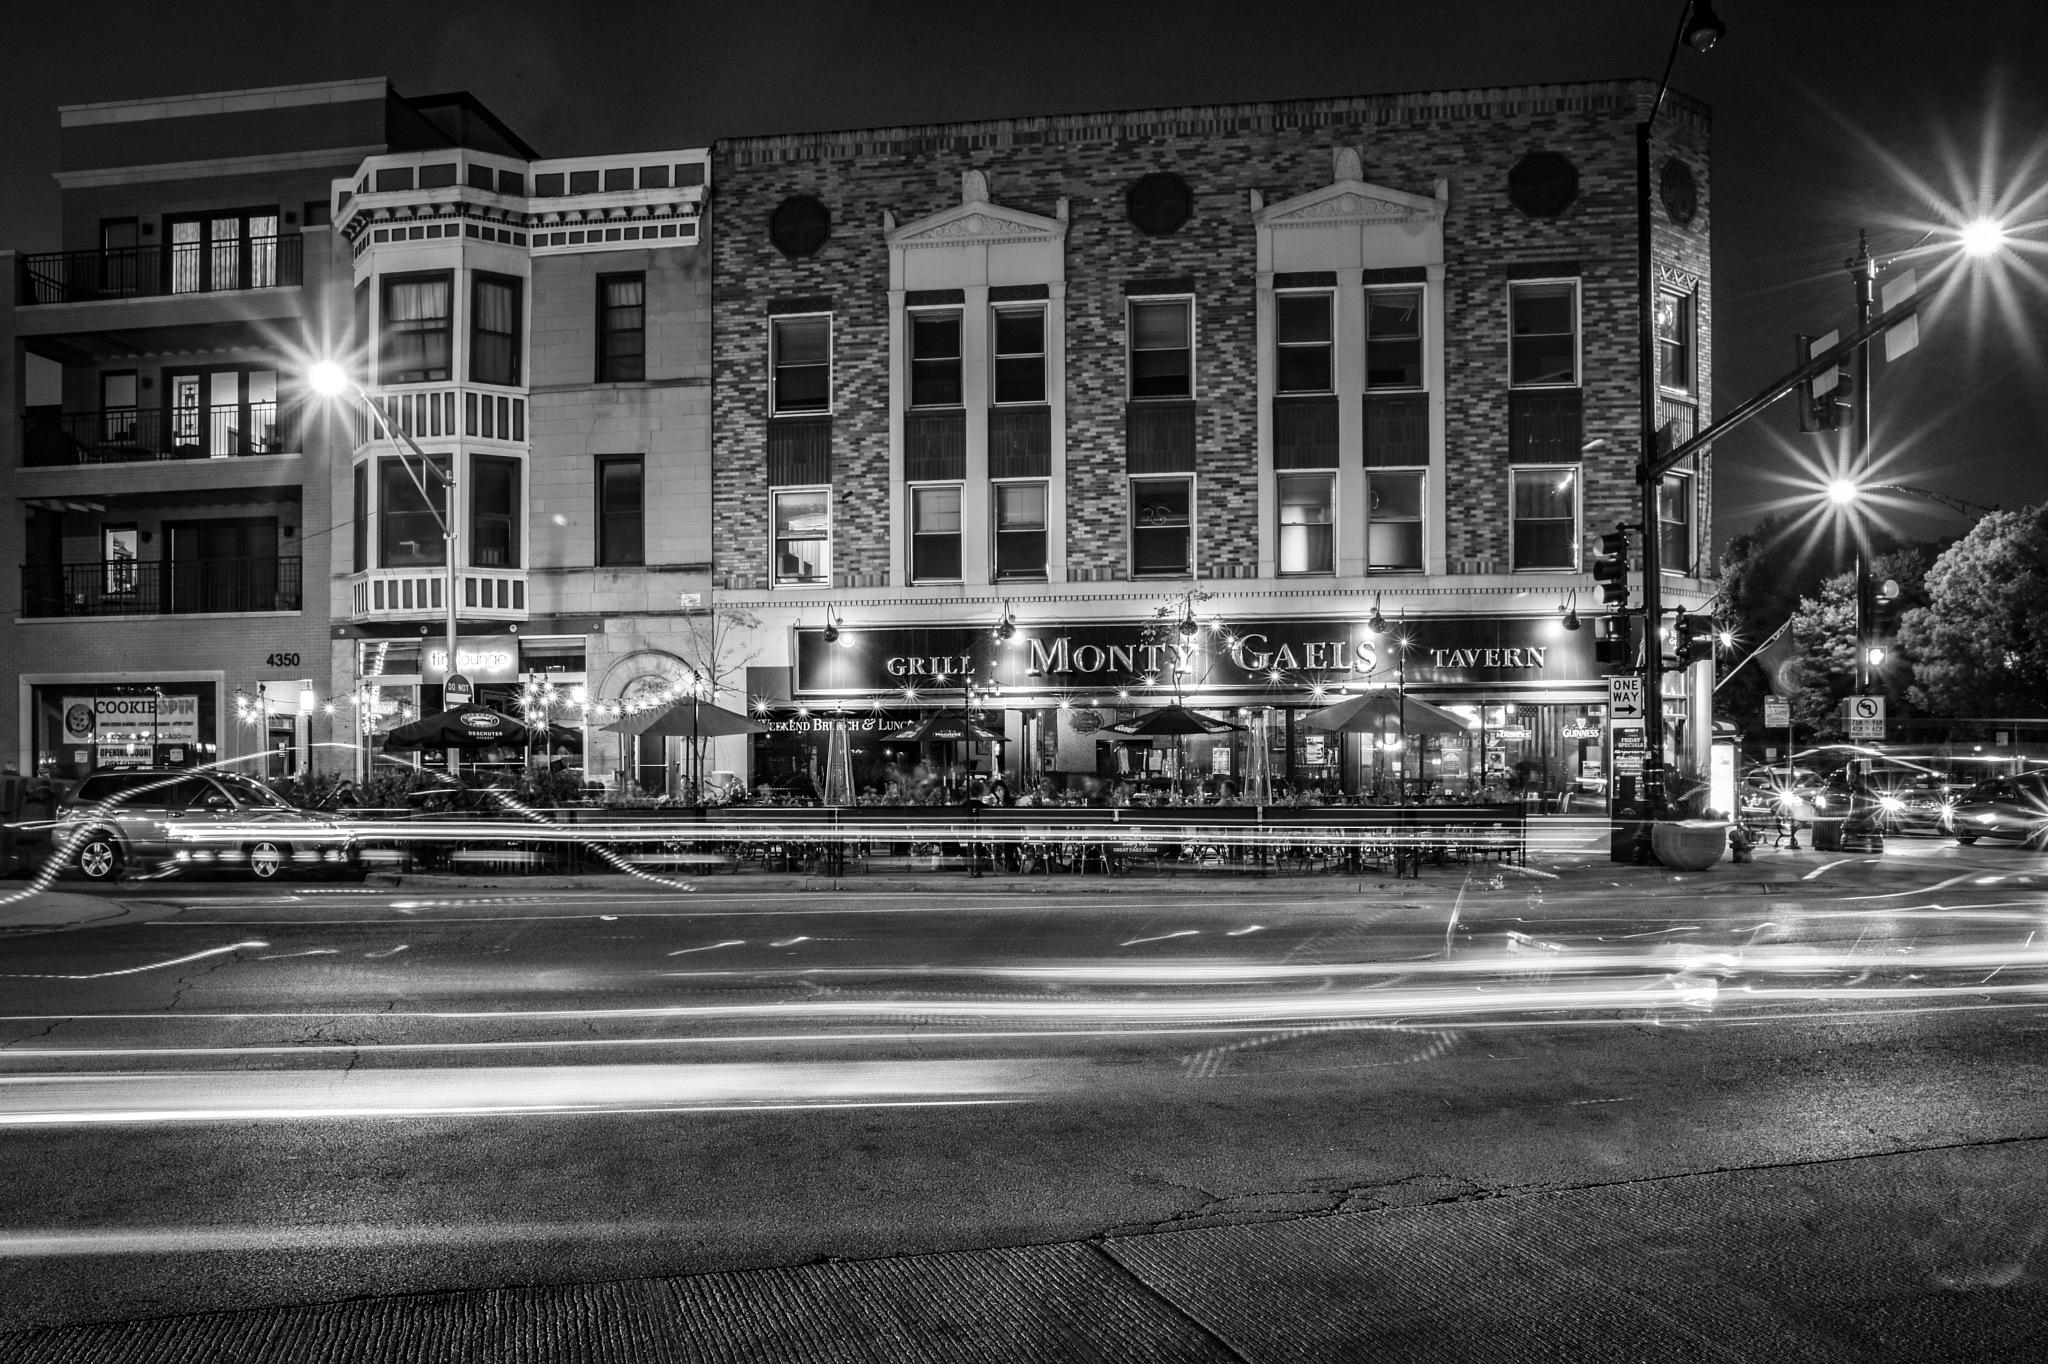 A Walk in the Neighborhood (2) by Kevin Drew Davis